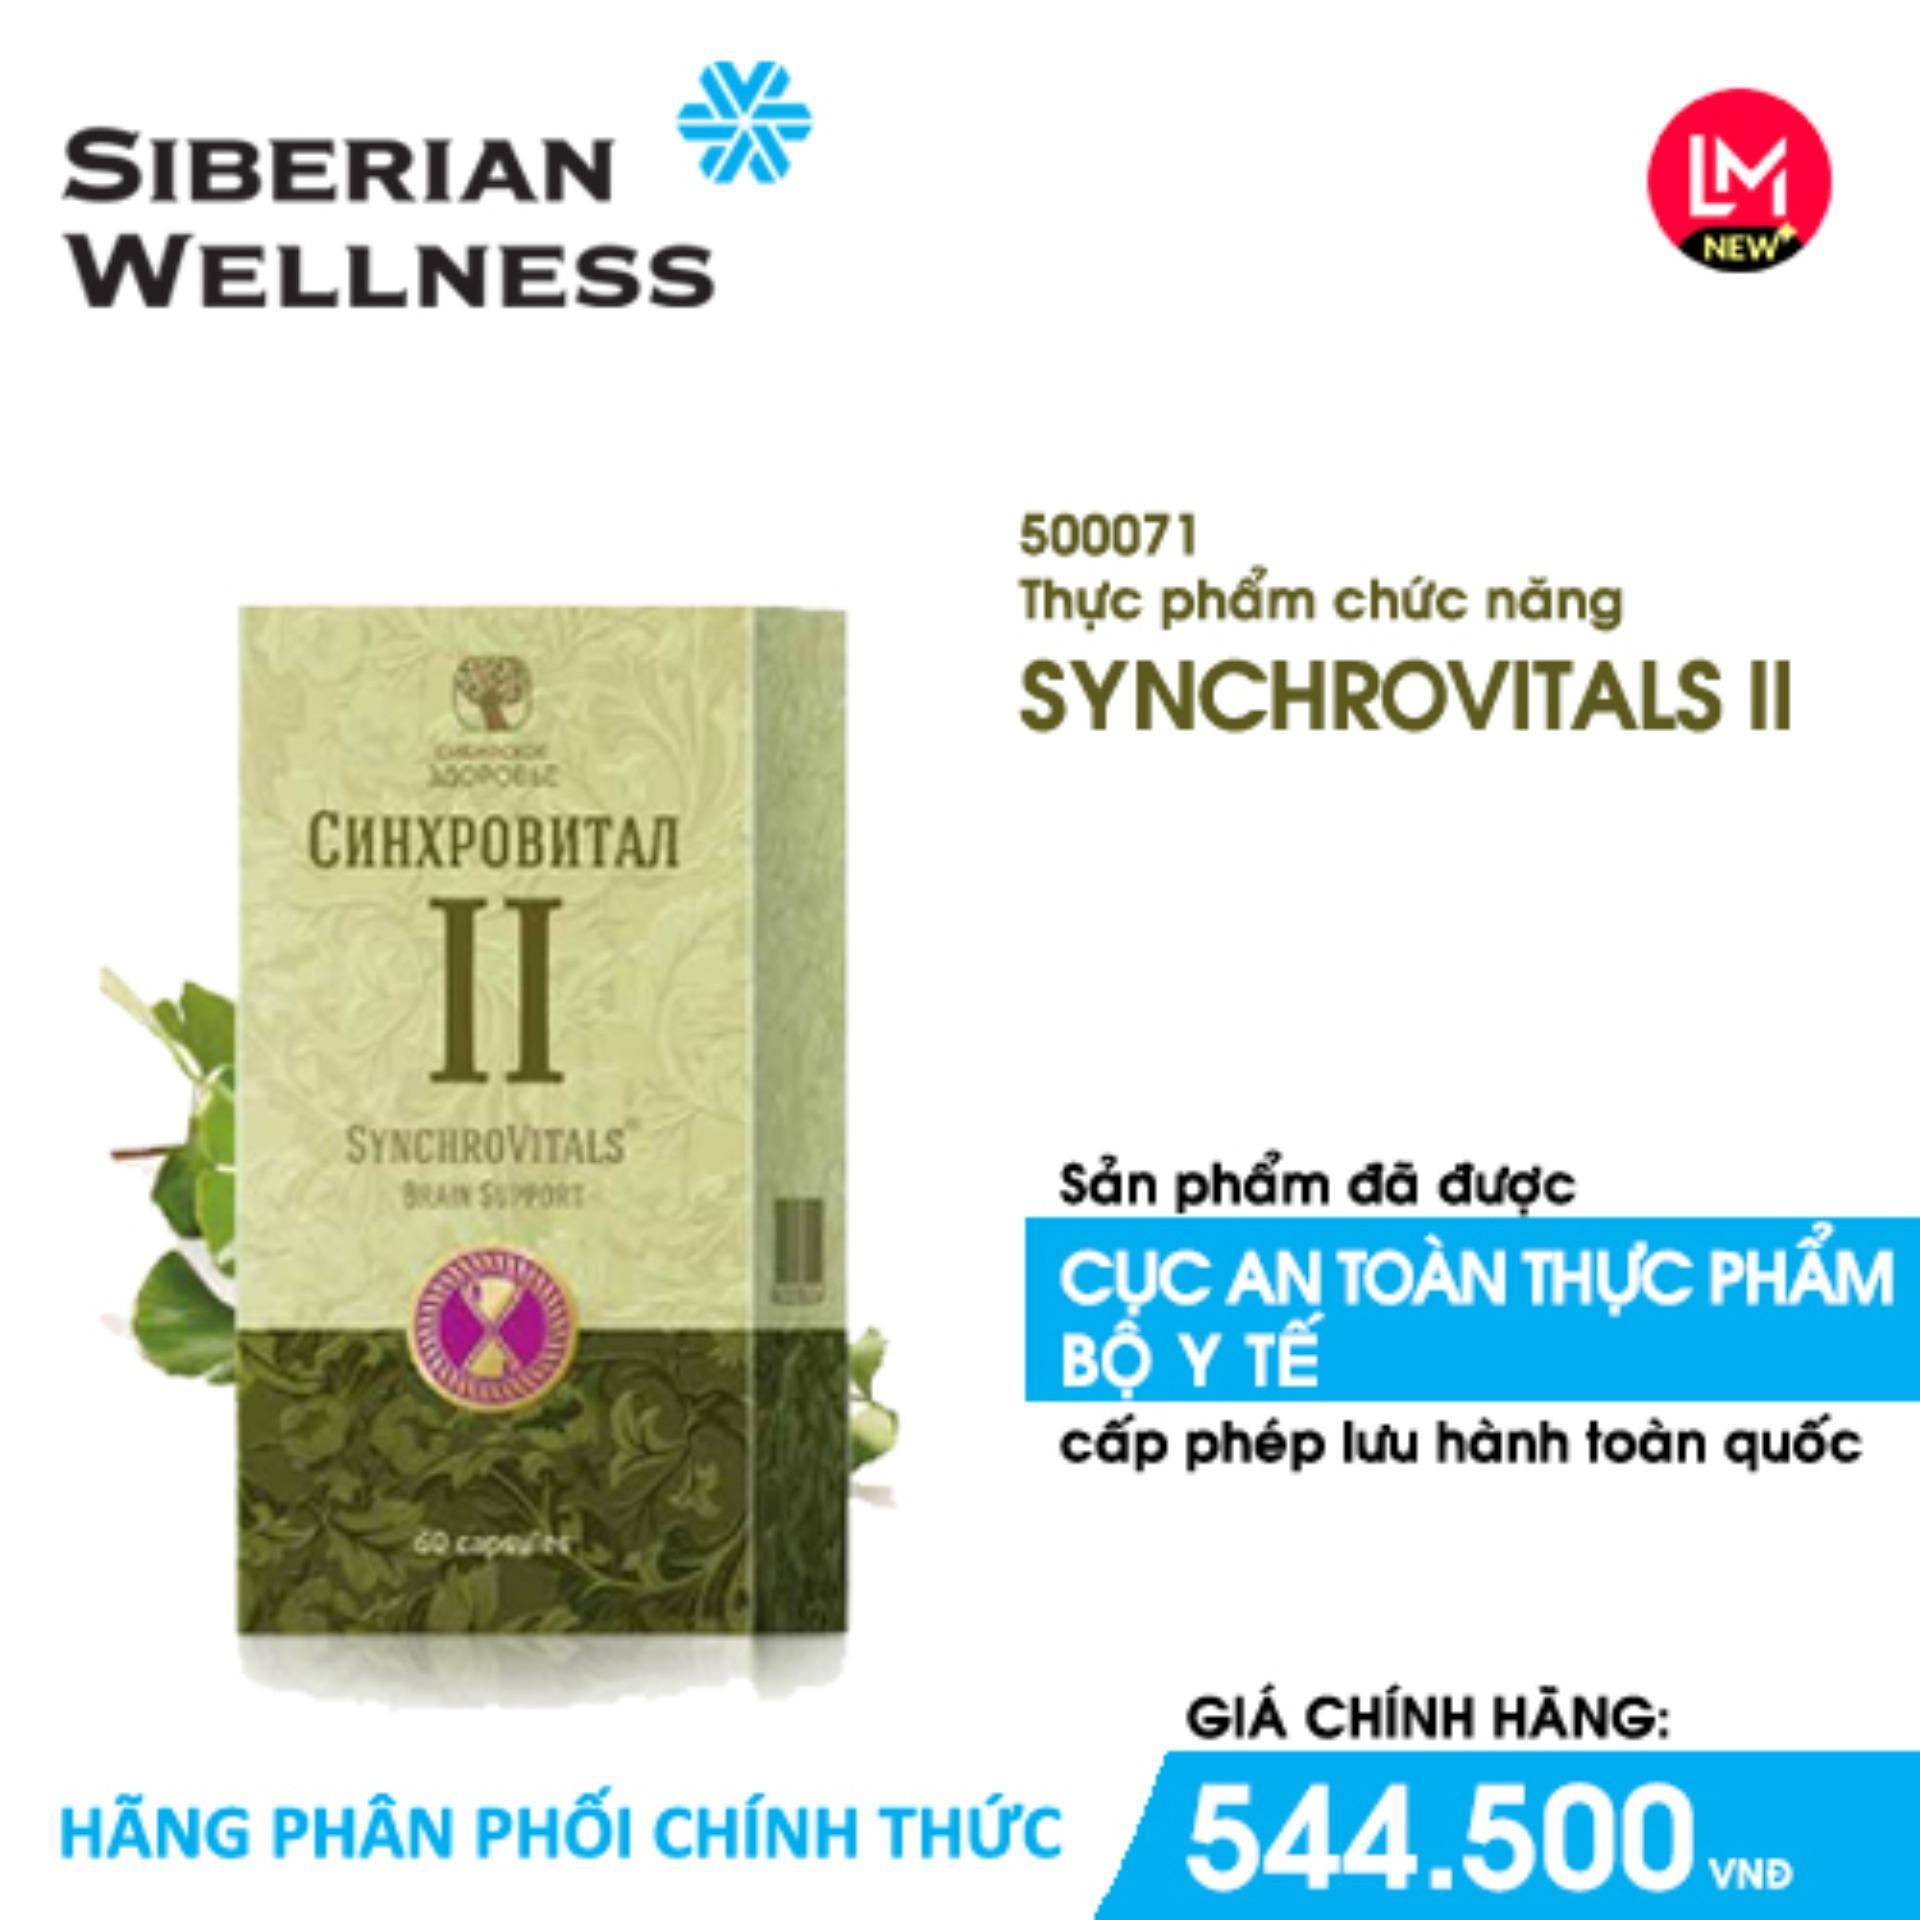 Synchrovitals Ii Cung Cấp Ginsenoside, Flavonol Glycoside, Baicalin Nâng Cao Khả Năng Làm Việc Trí óc - Hãng Phân Phối Chính Thức By Siberian Wellness.